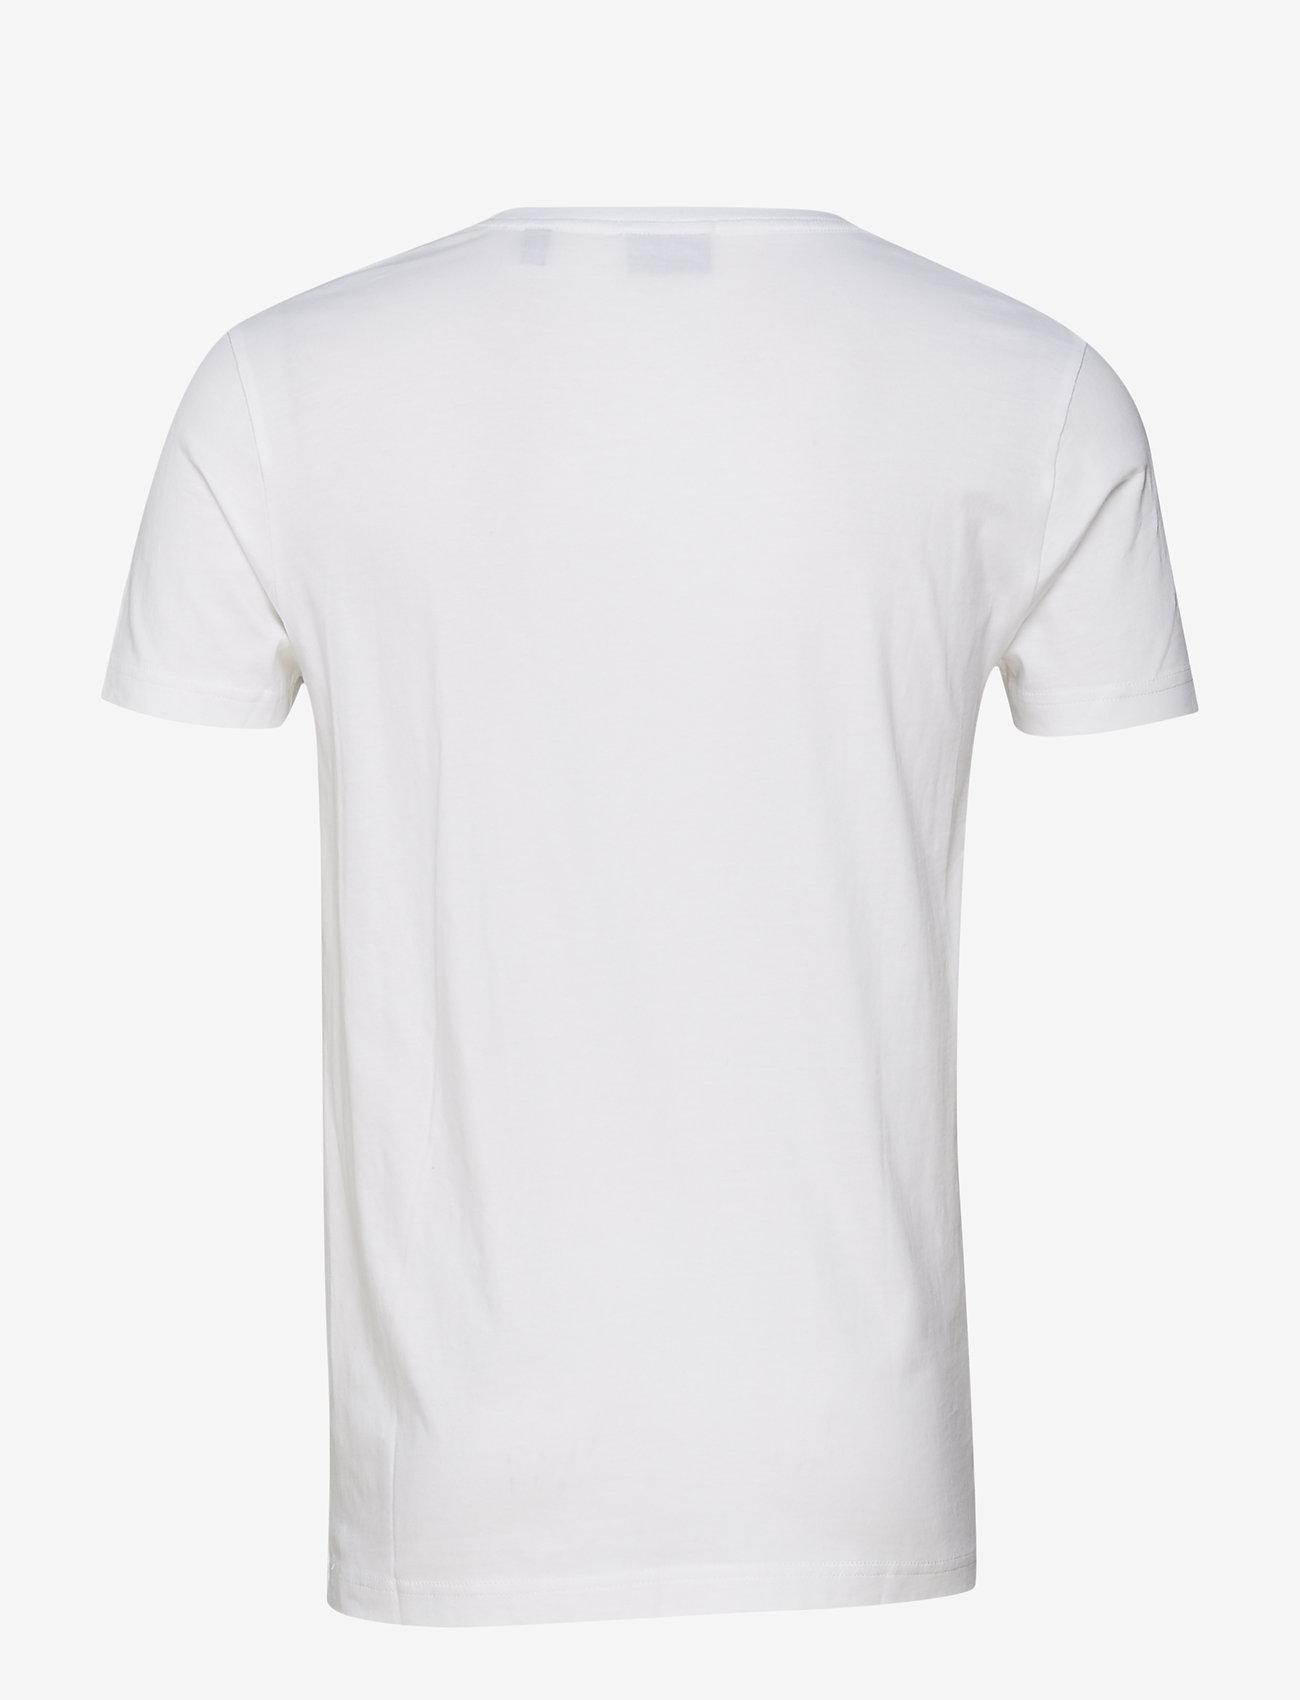 GANT - ORIGINAL SLIM T-SHIRT - basic t-shirts - white - 1